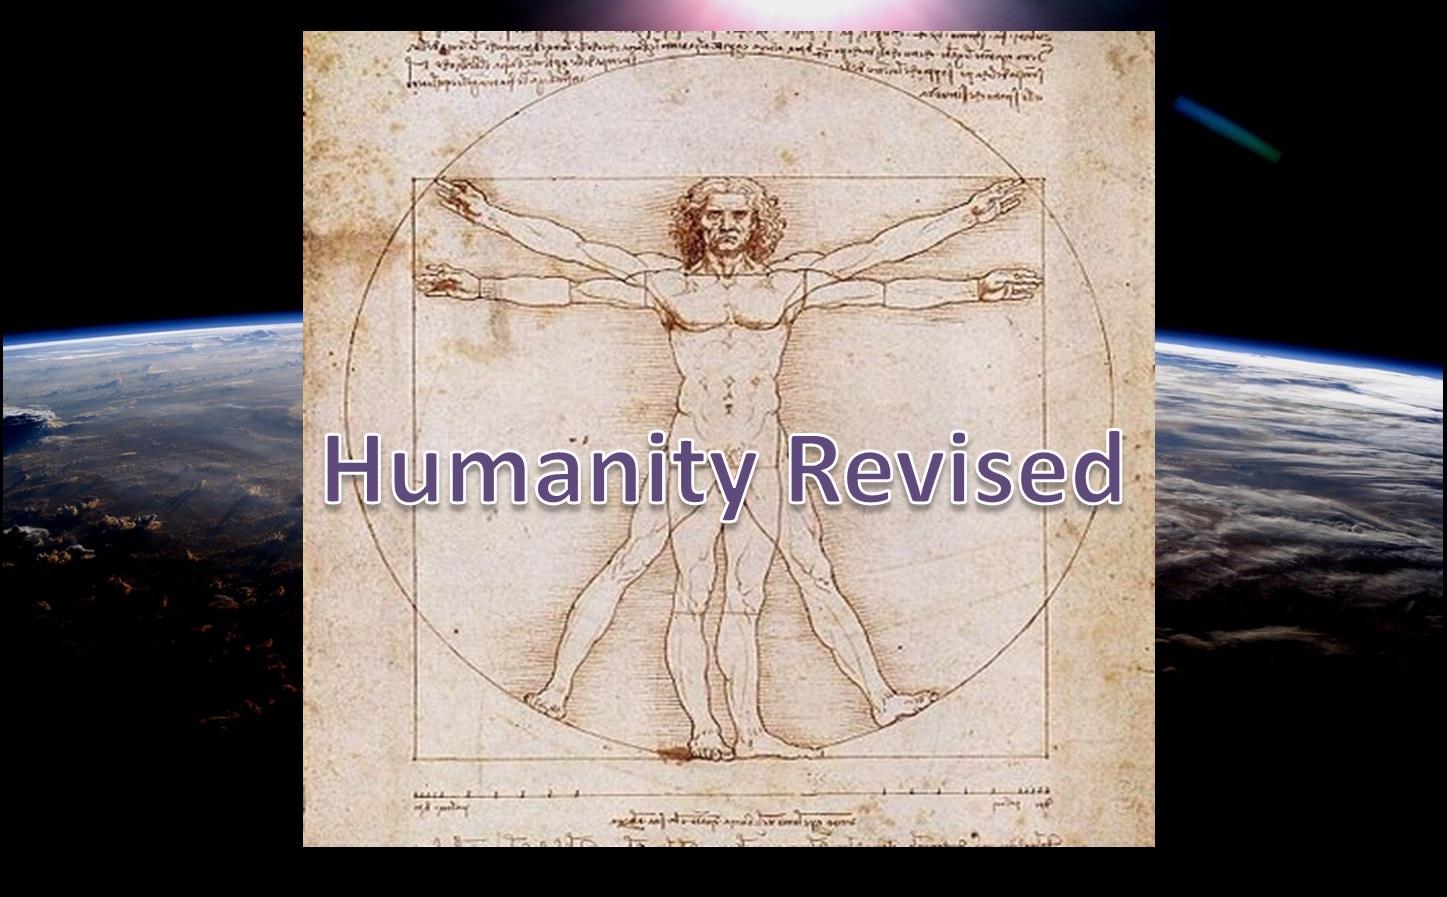 humanityrevised